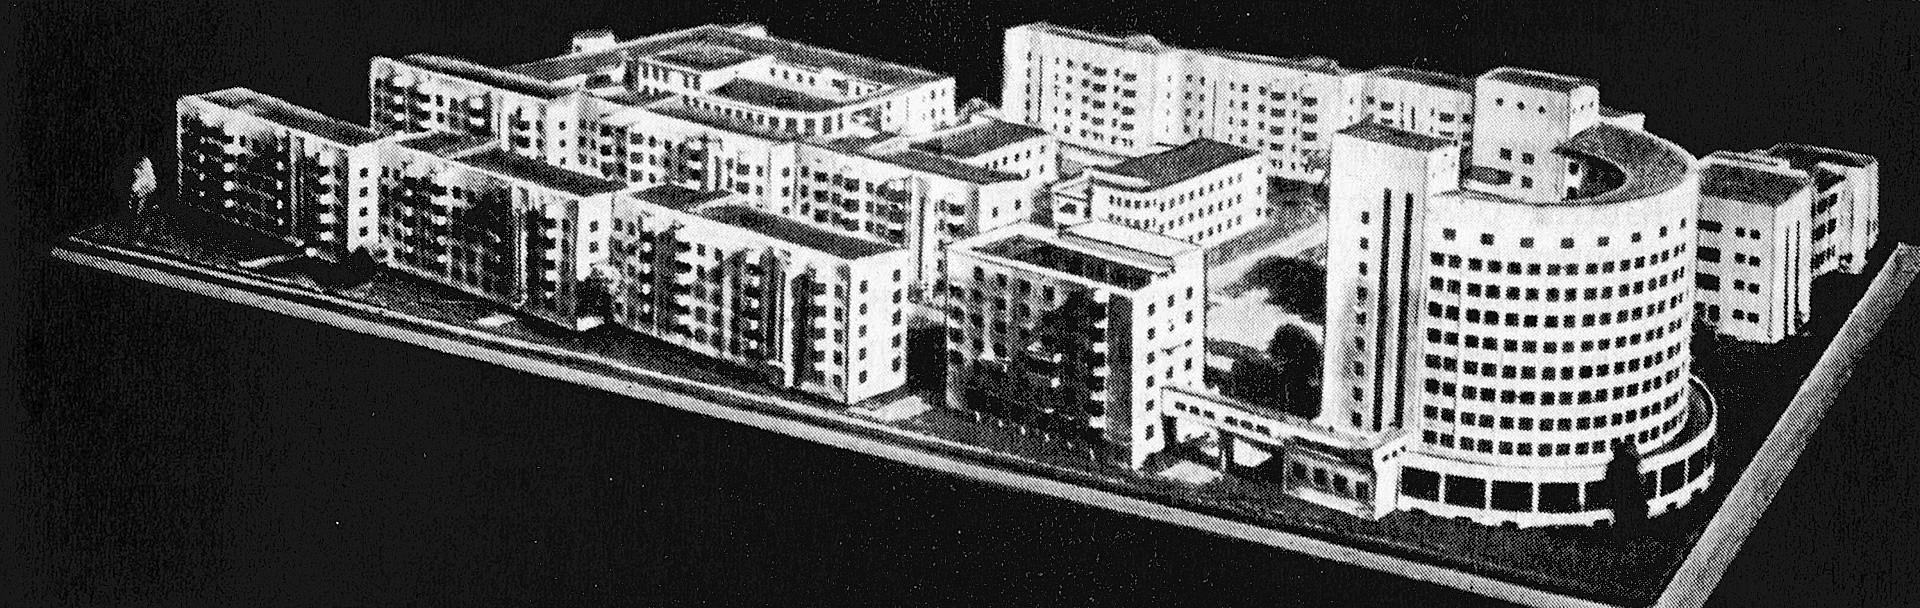 Originalplan für das Tschekisten-Städtchen von Iwan Antonow and Wenjamin Sokolow, 1929